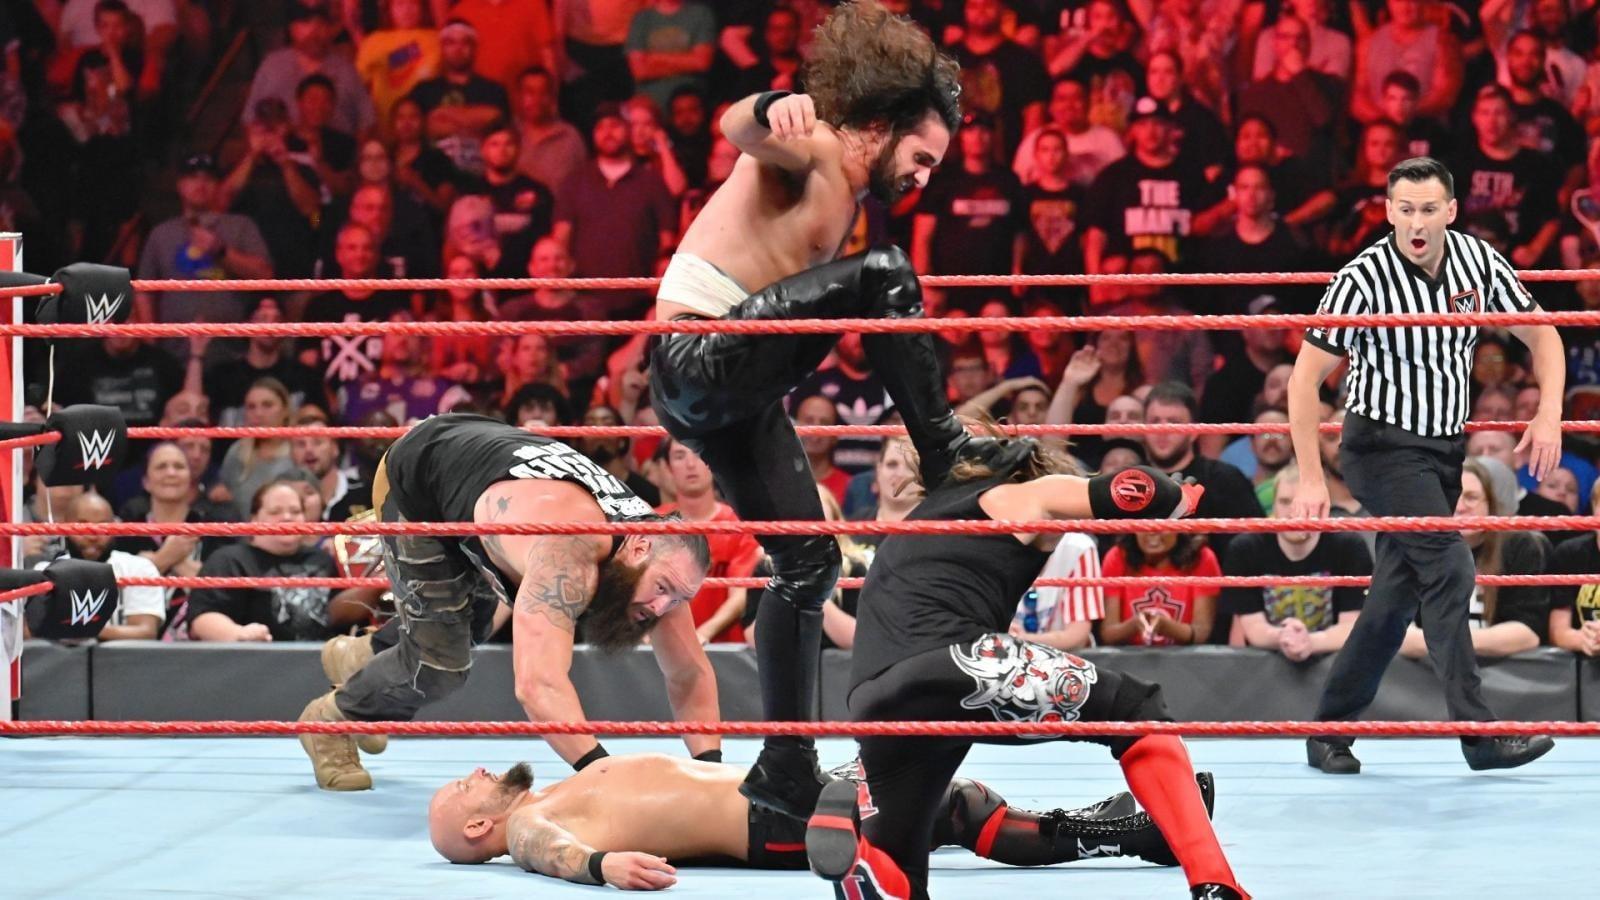 WWE Raw Season 27 :Episode 33  August 19, 2019 (St. Paul, MN)